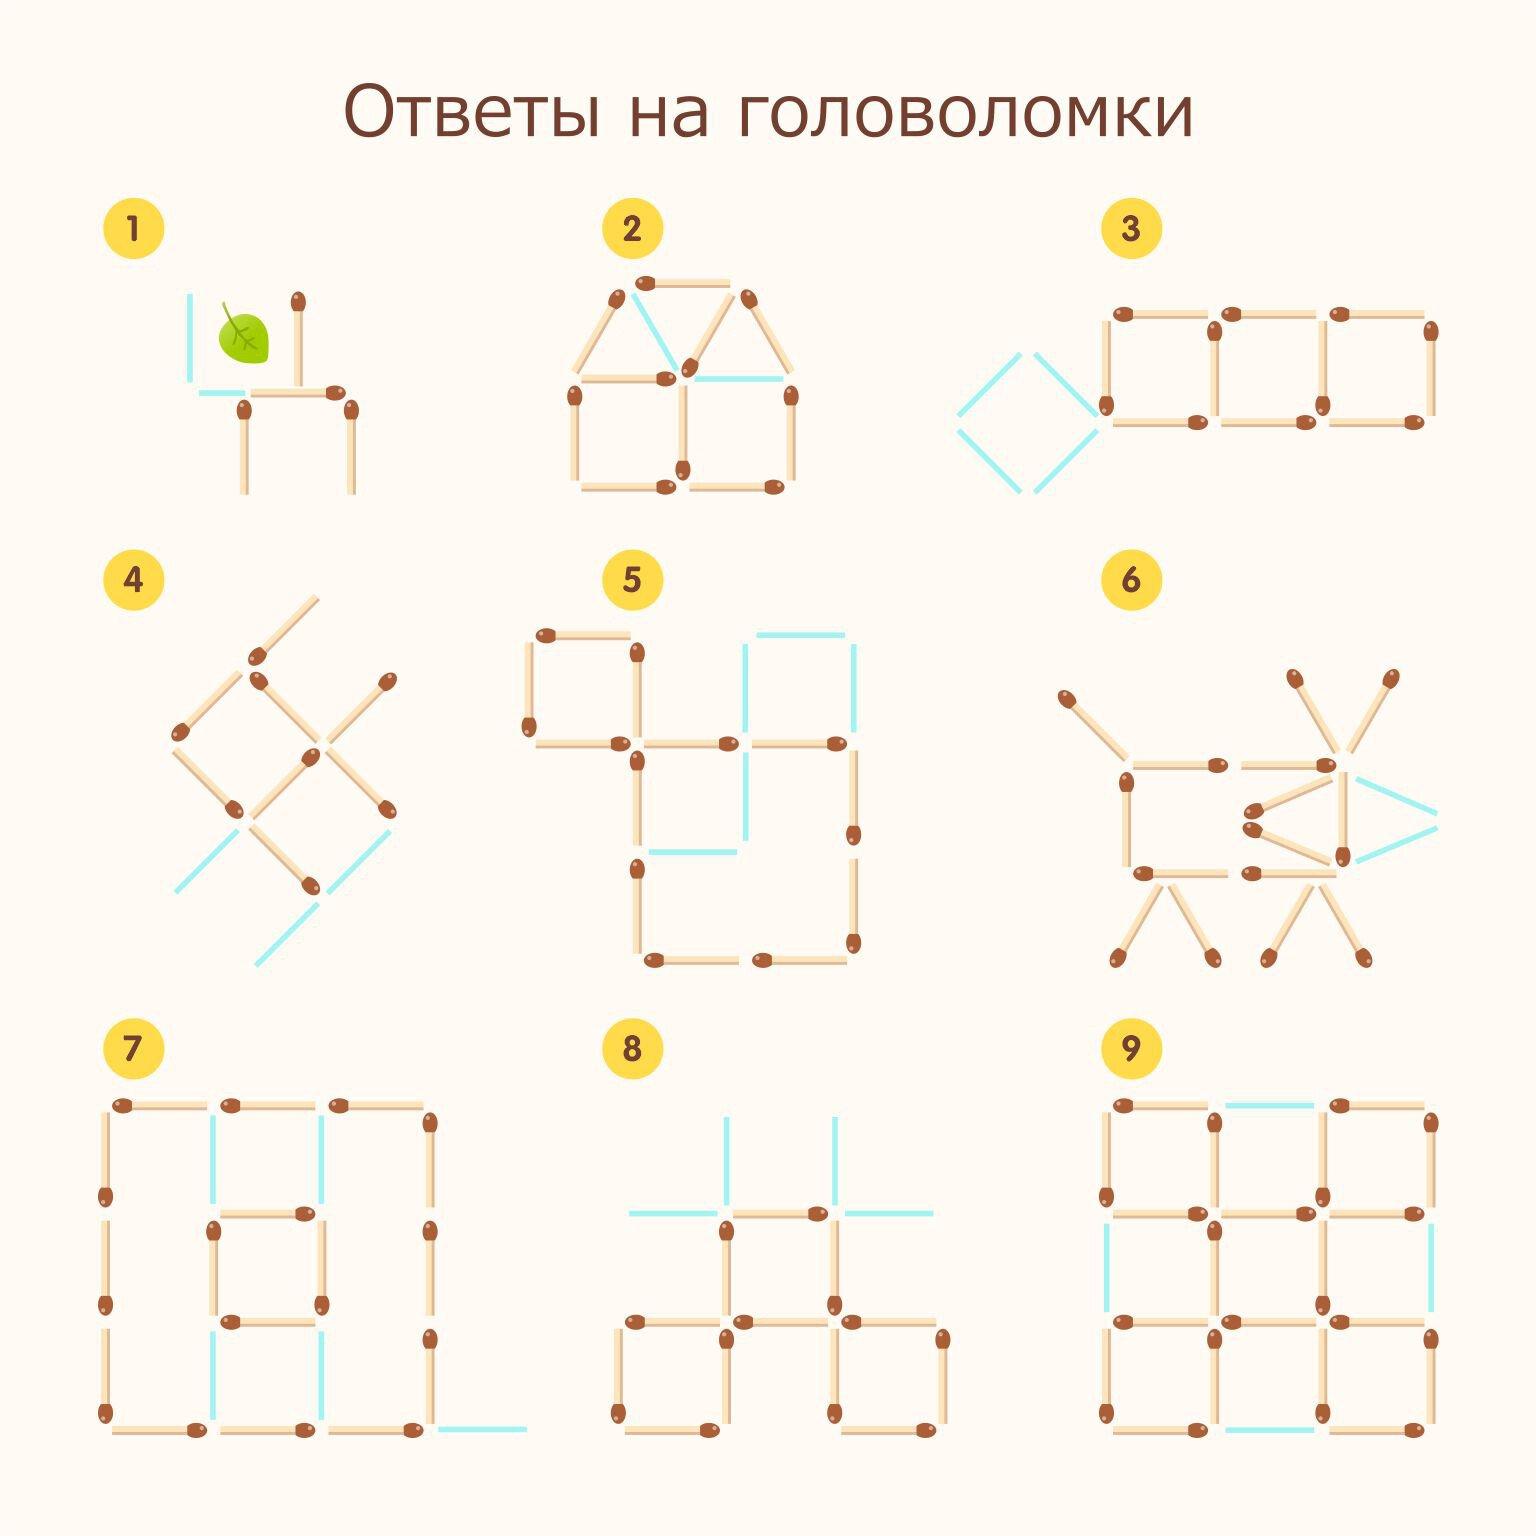 Ответы к головоломкам